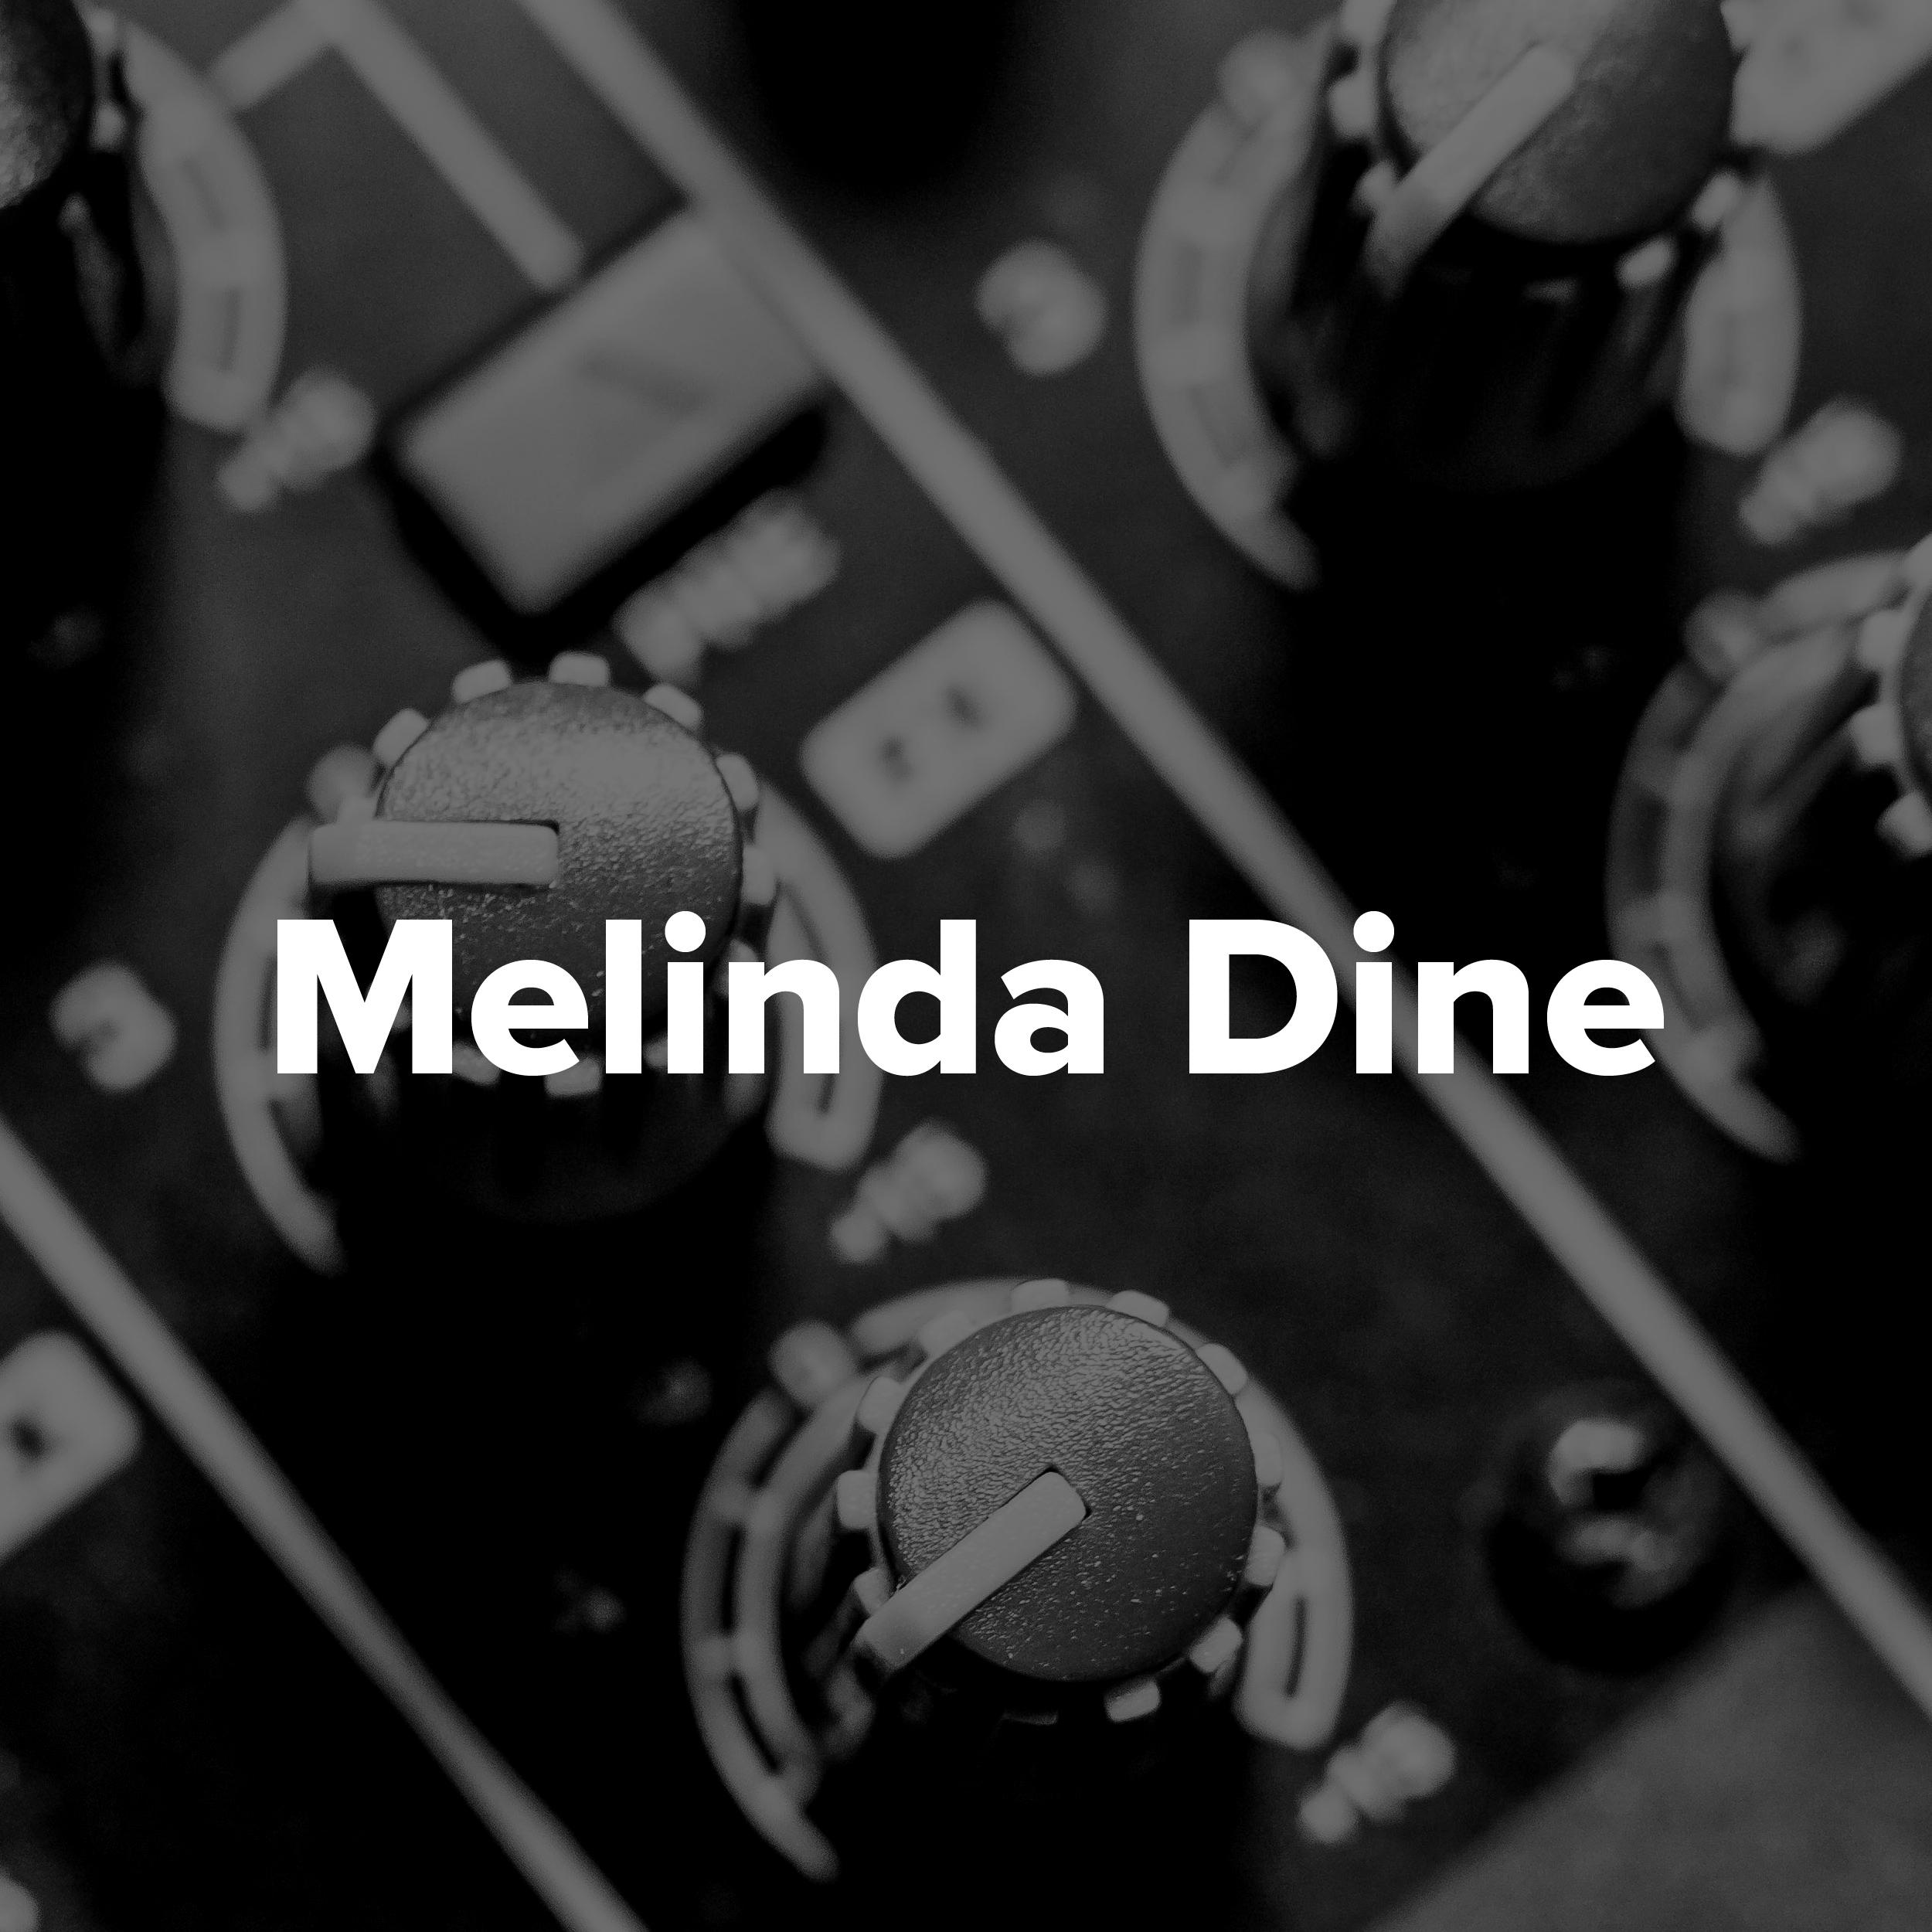 MelindaDine-01.jpg